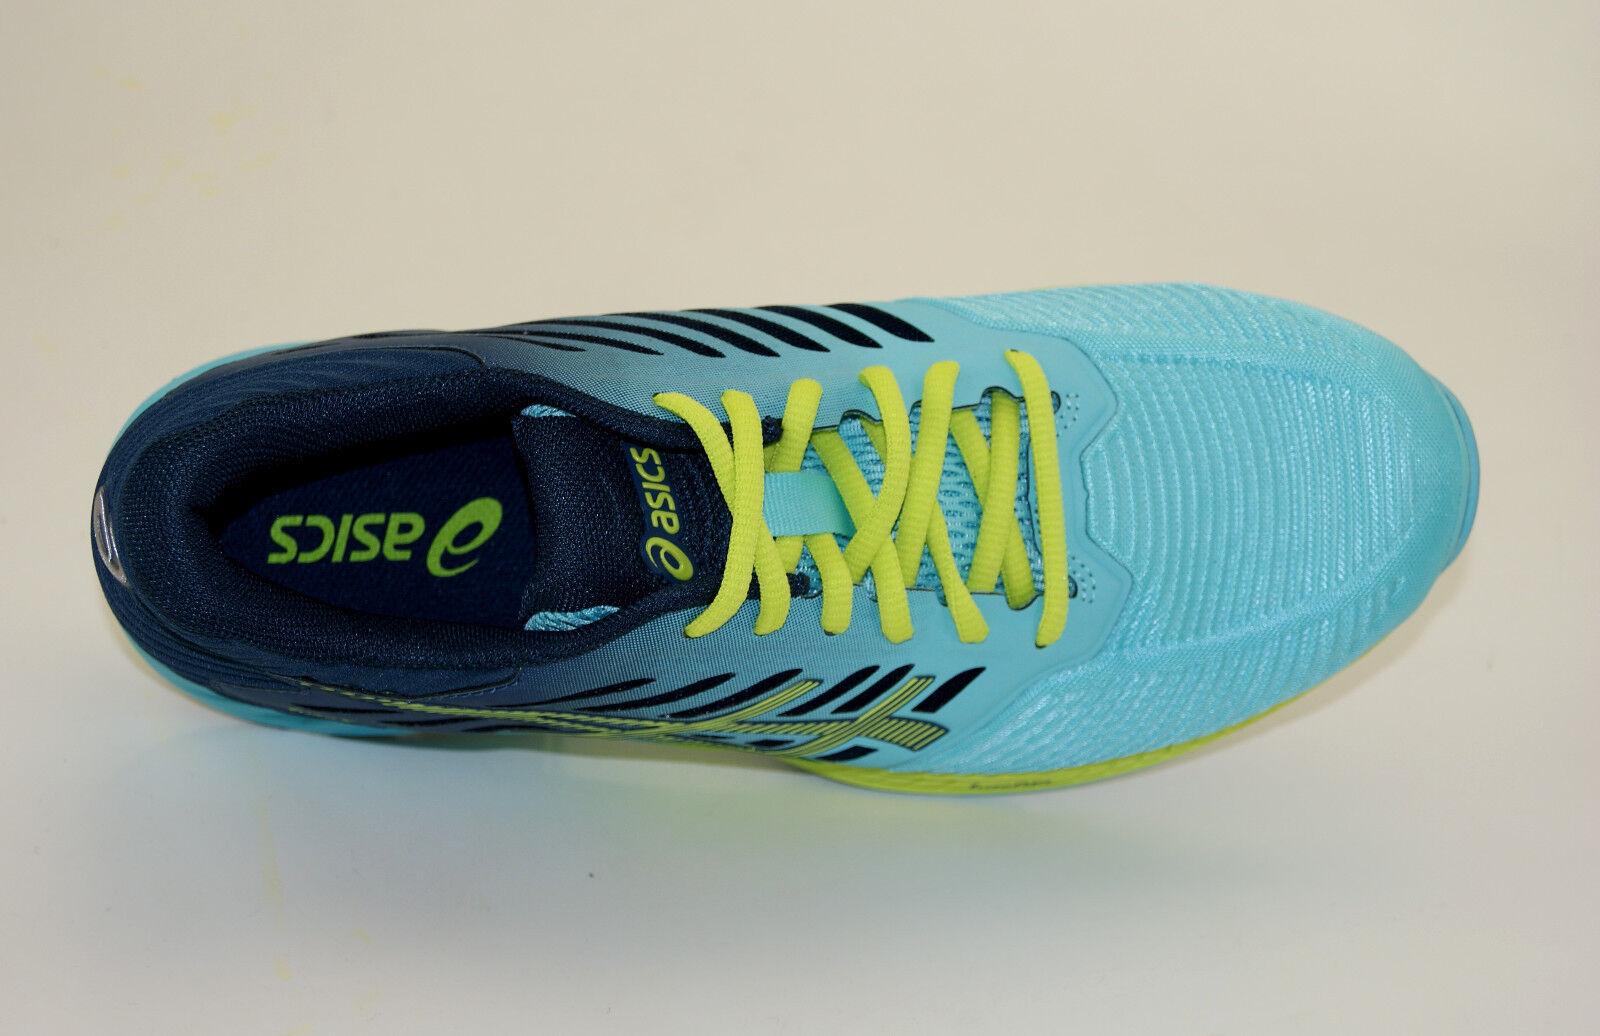 Asics FuzeX Damen Laufschuhe Joggingschuhe Sportschuhe Damen FuzeX Sneakers T689N-4085 386bf6